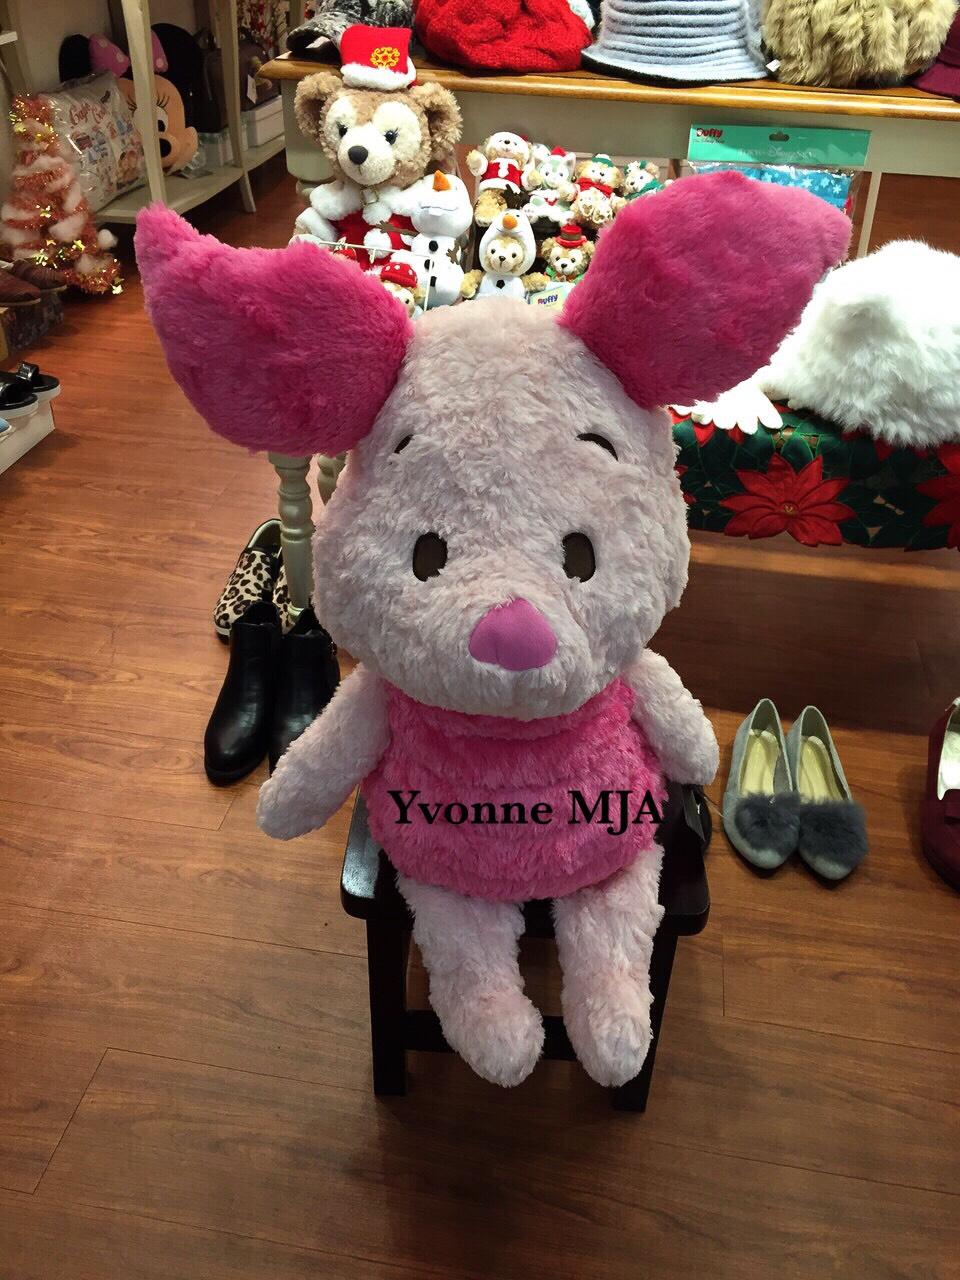 *Yvonne MJA美國代購*美國迪士尼限定正品 小熊維尼好朋友piglet小豬 超柔軟絕版 大娃娃